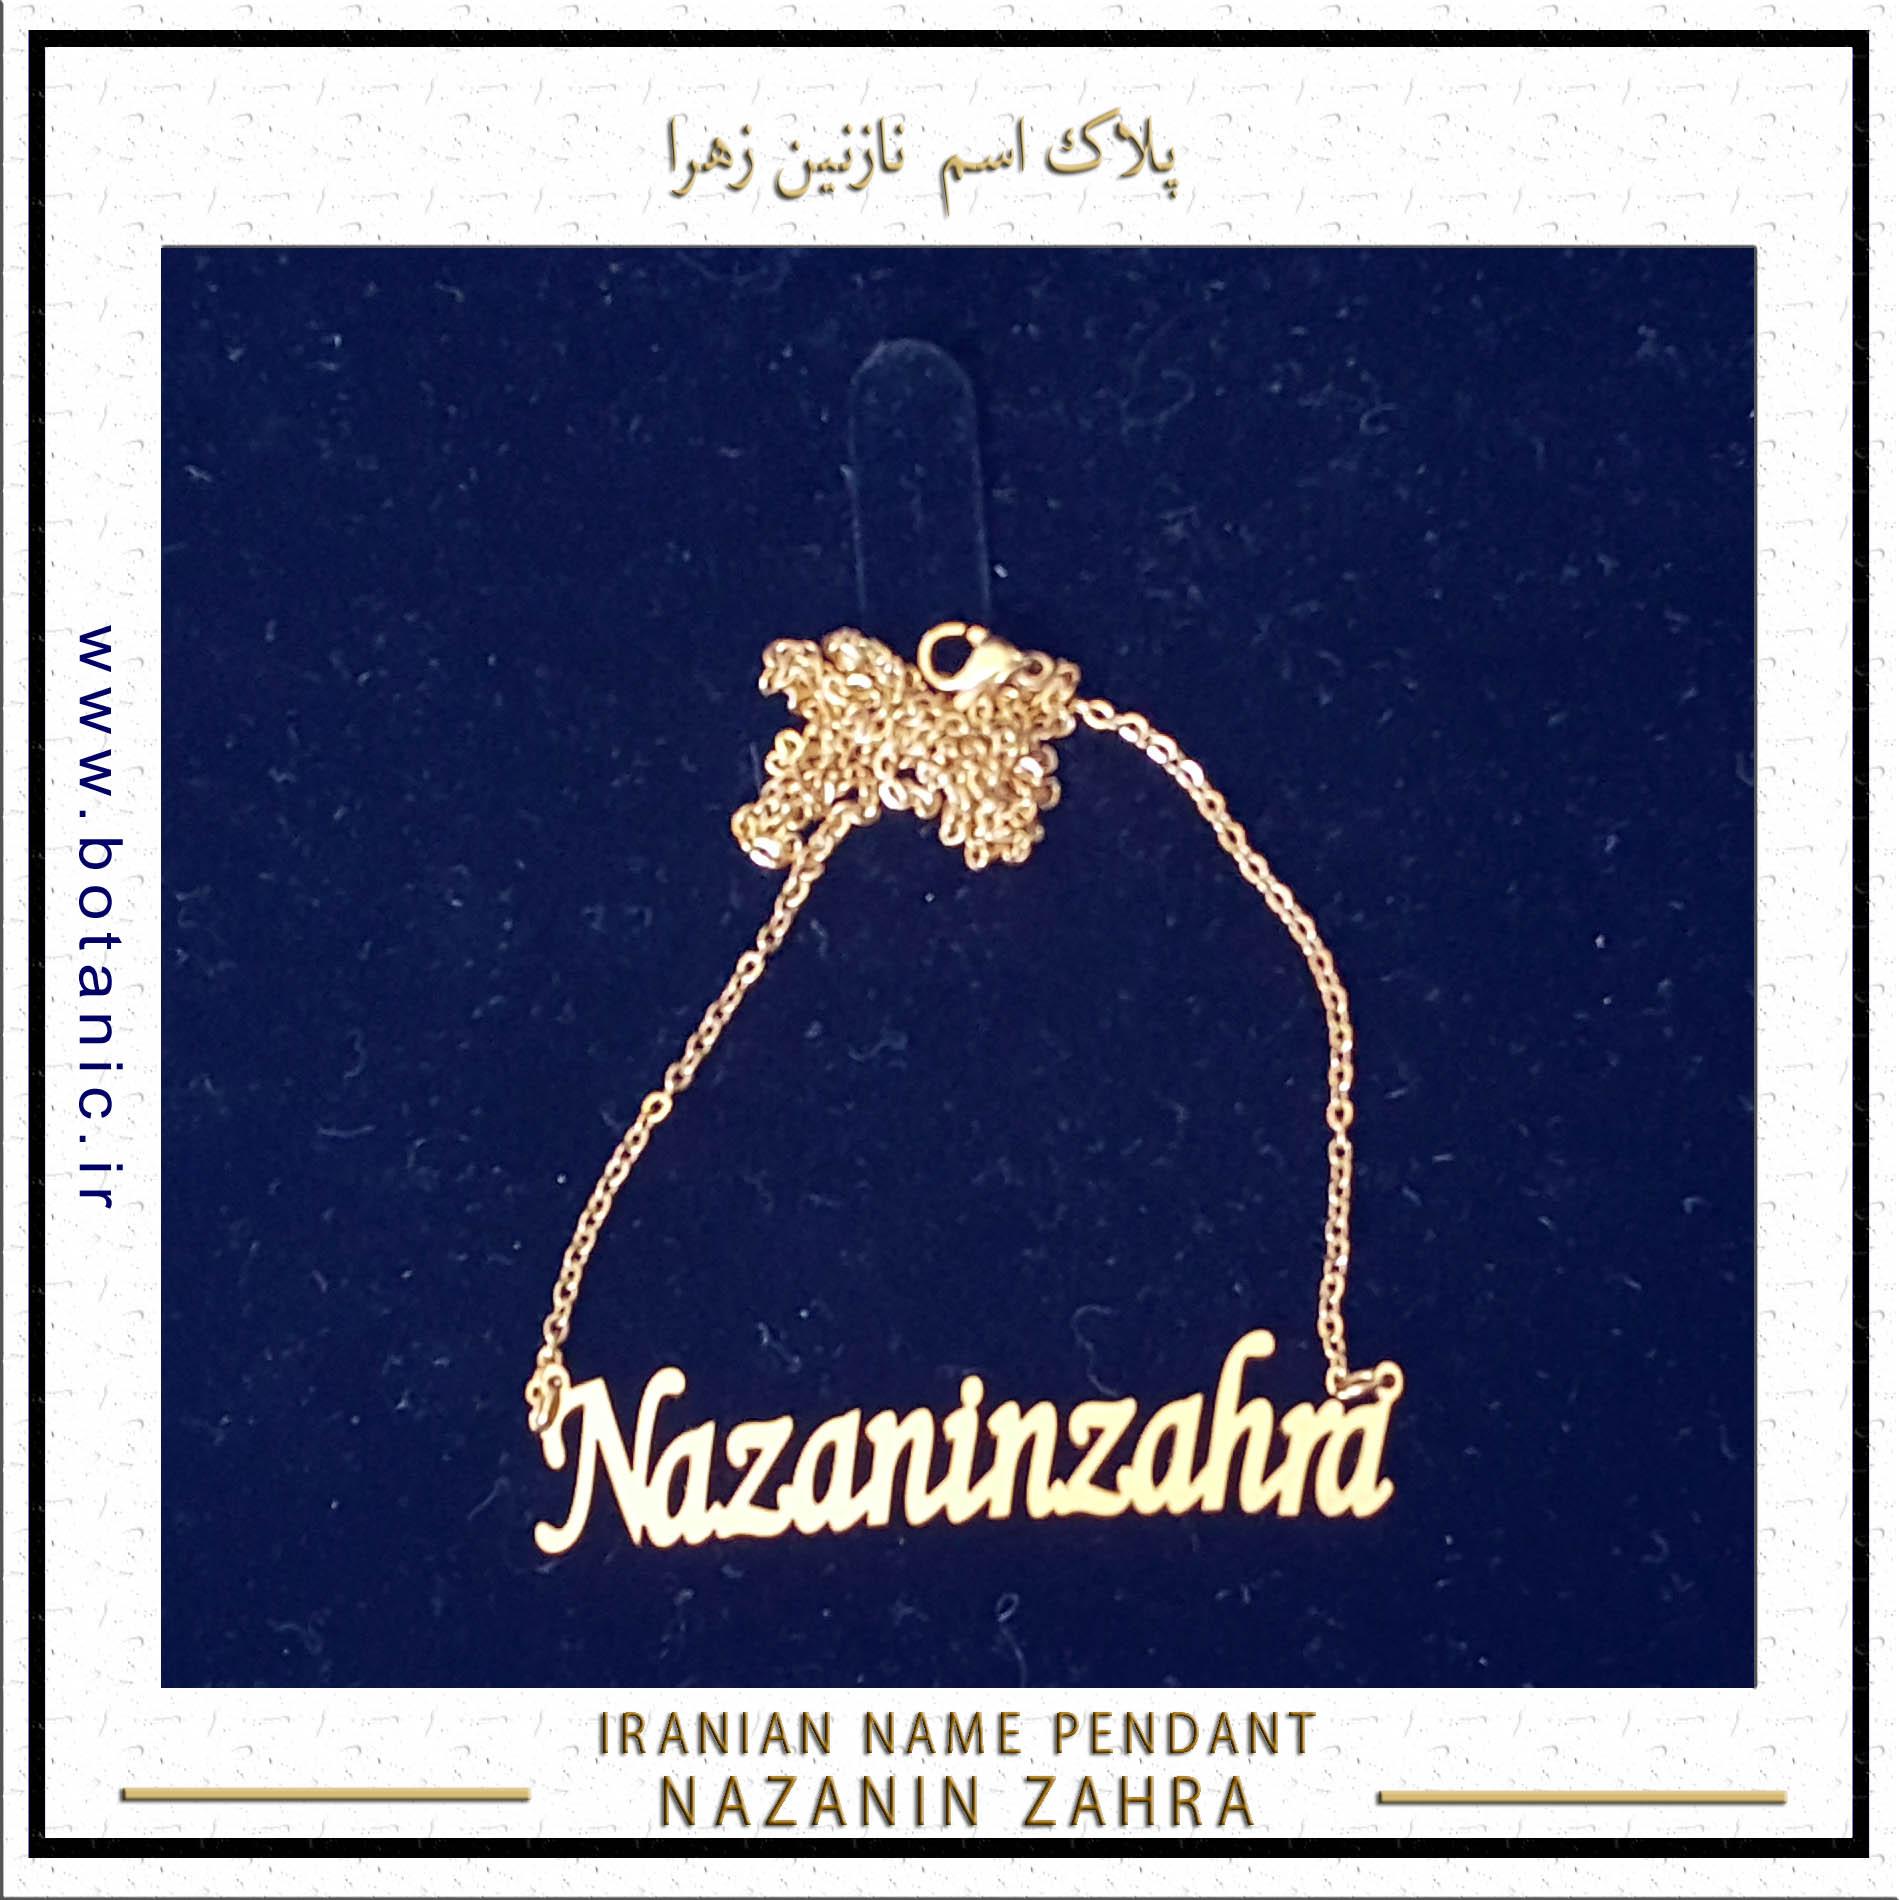 Iranian Name Pendant Nazanin Zahra